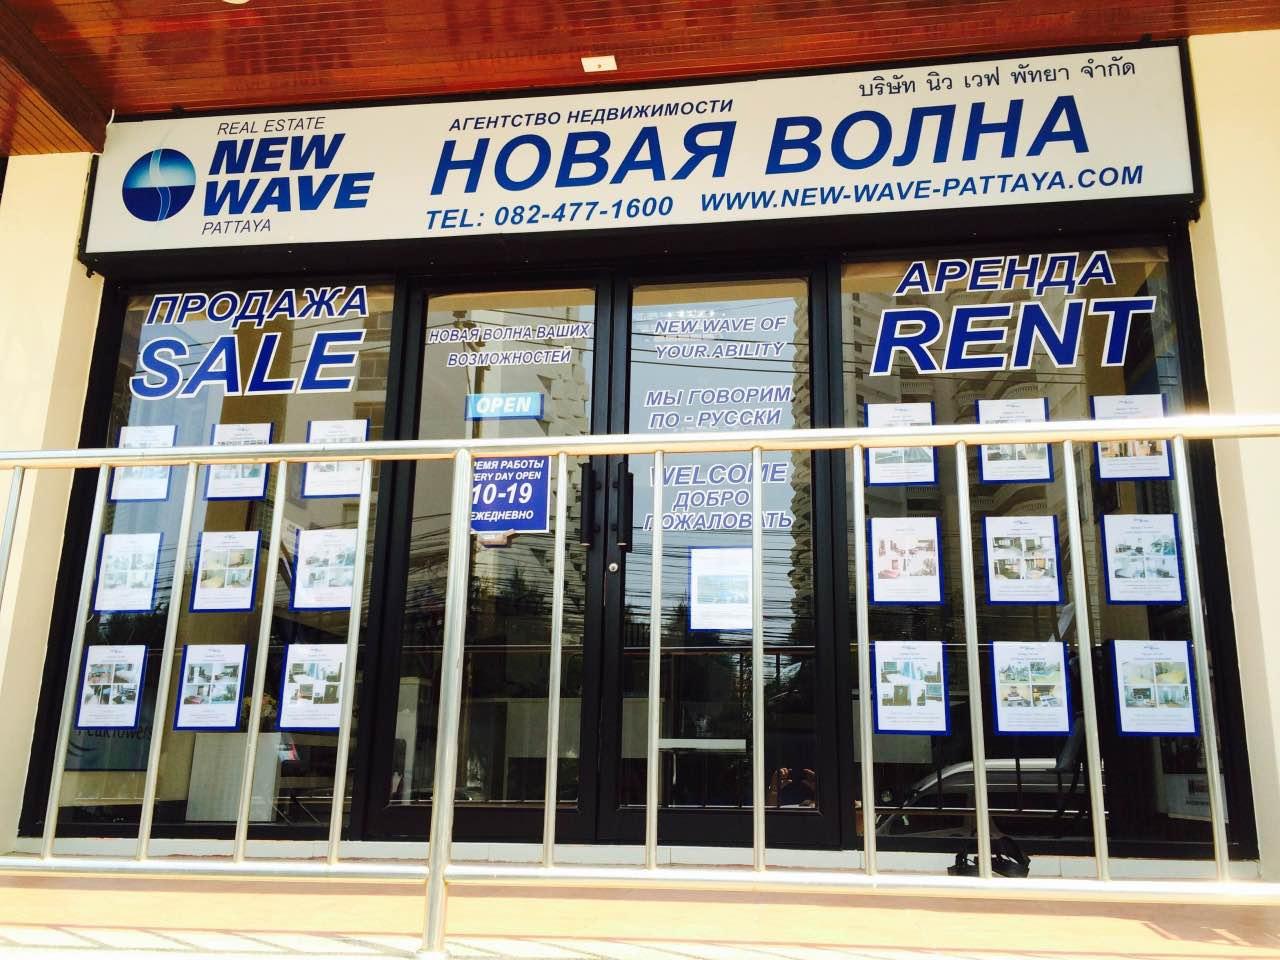 Агентство недвижимости Новая волна Паттайя